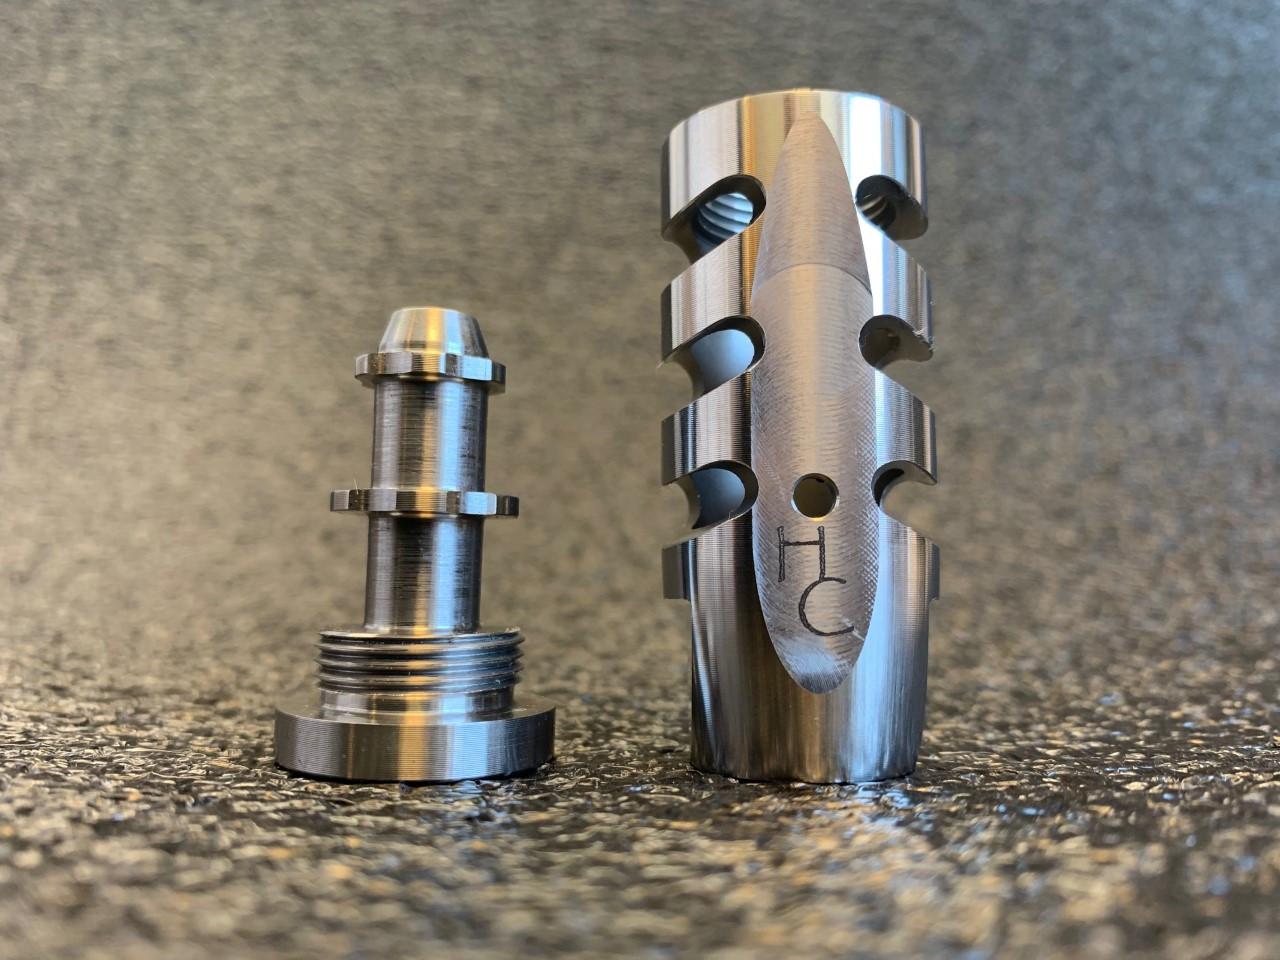 Highland Canyon Apollo .223/5.56mm Muzzle Brake